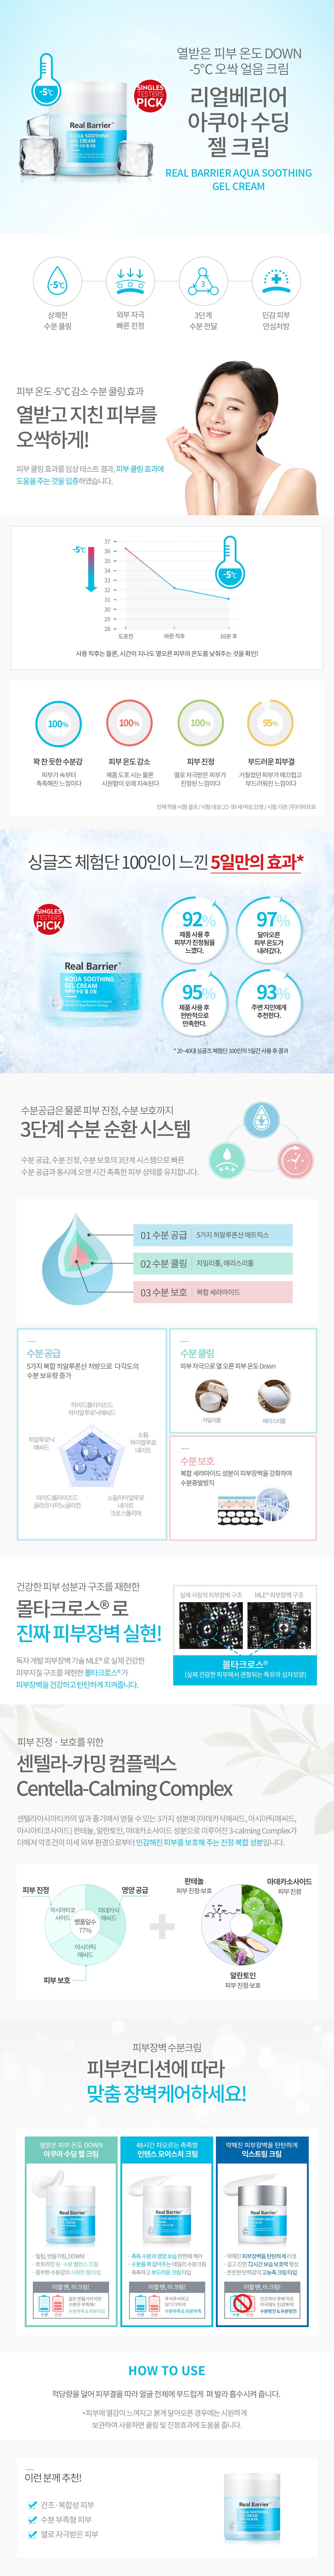 리얼베리어 아쿠아 수딩 젤 크림 2019